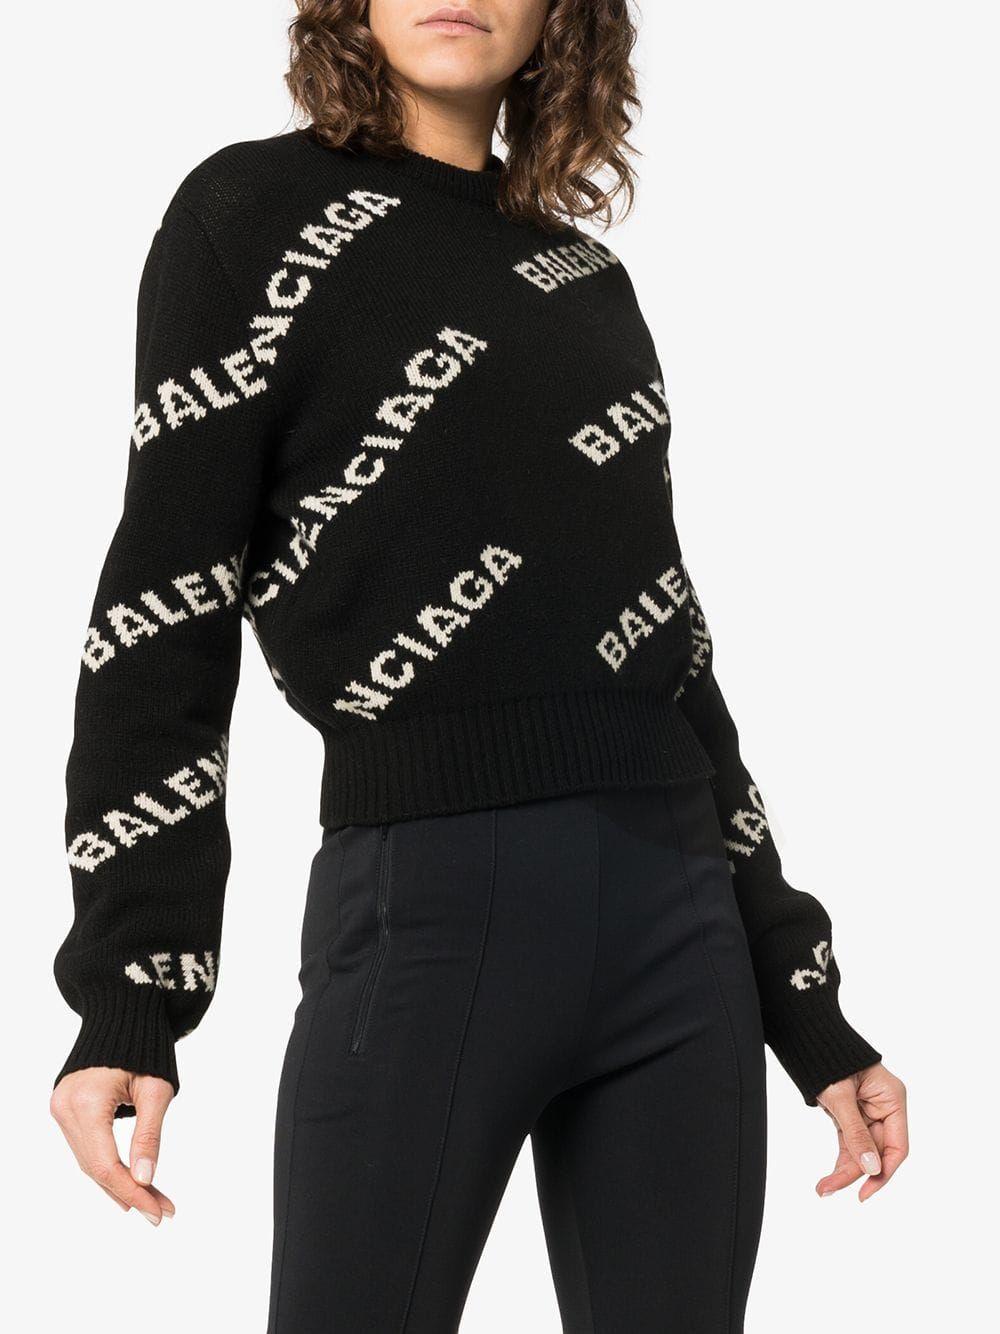 f269a8b5b1b Jacquard logo wool blend jumper   Balenciaga   Wool blend, Sweaters ...